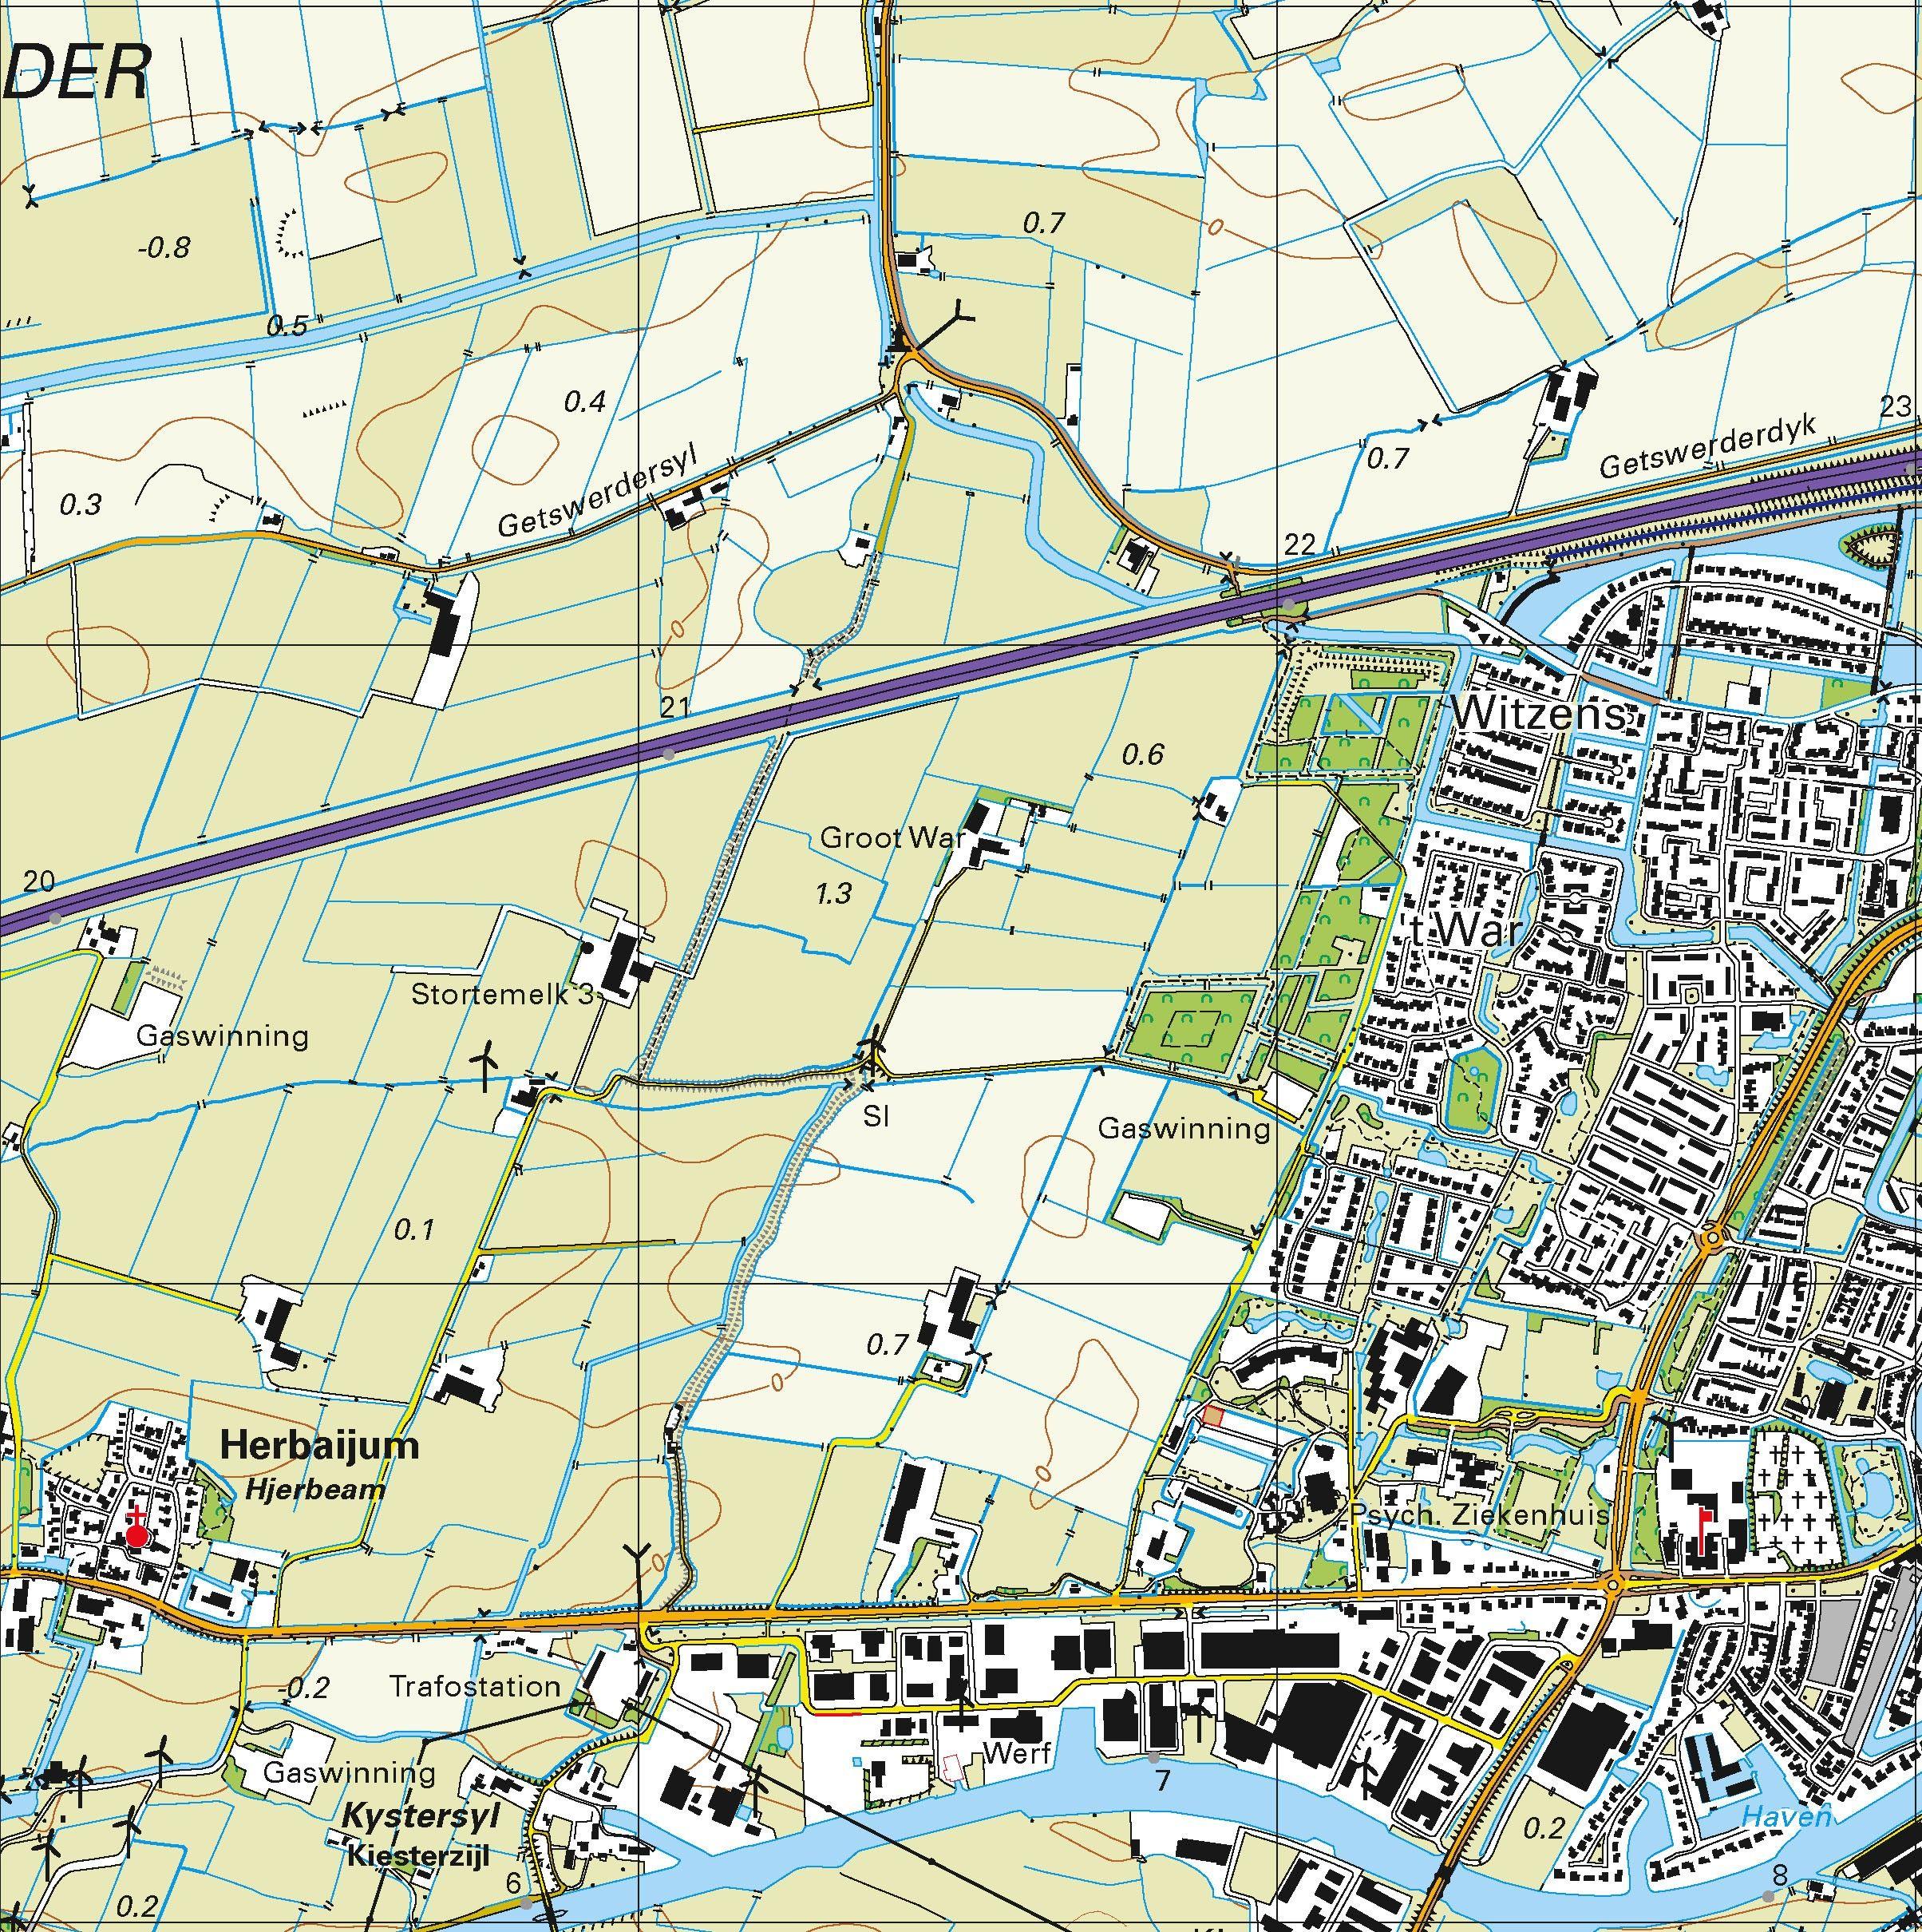 Topografische kaart schaal 1:25.000 (Harlingen, Franeker, Bolsward, Witmarsum, Makkum)